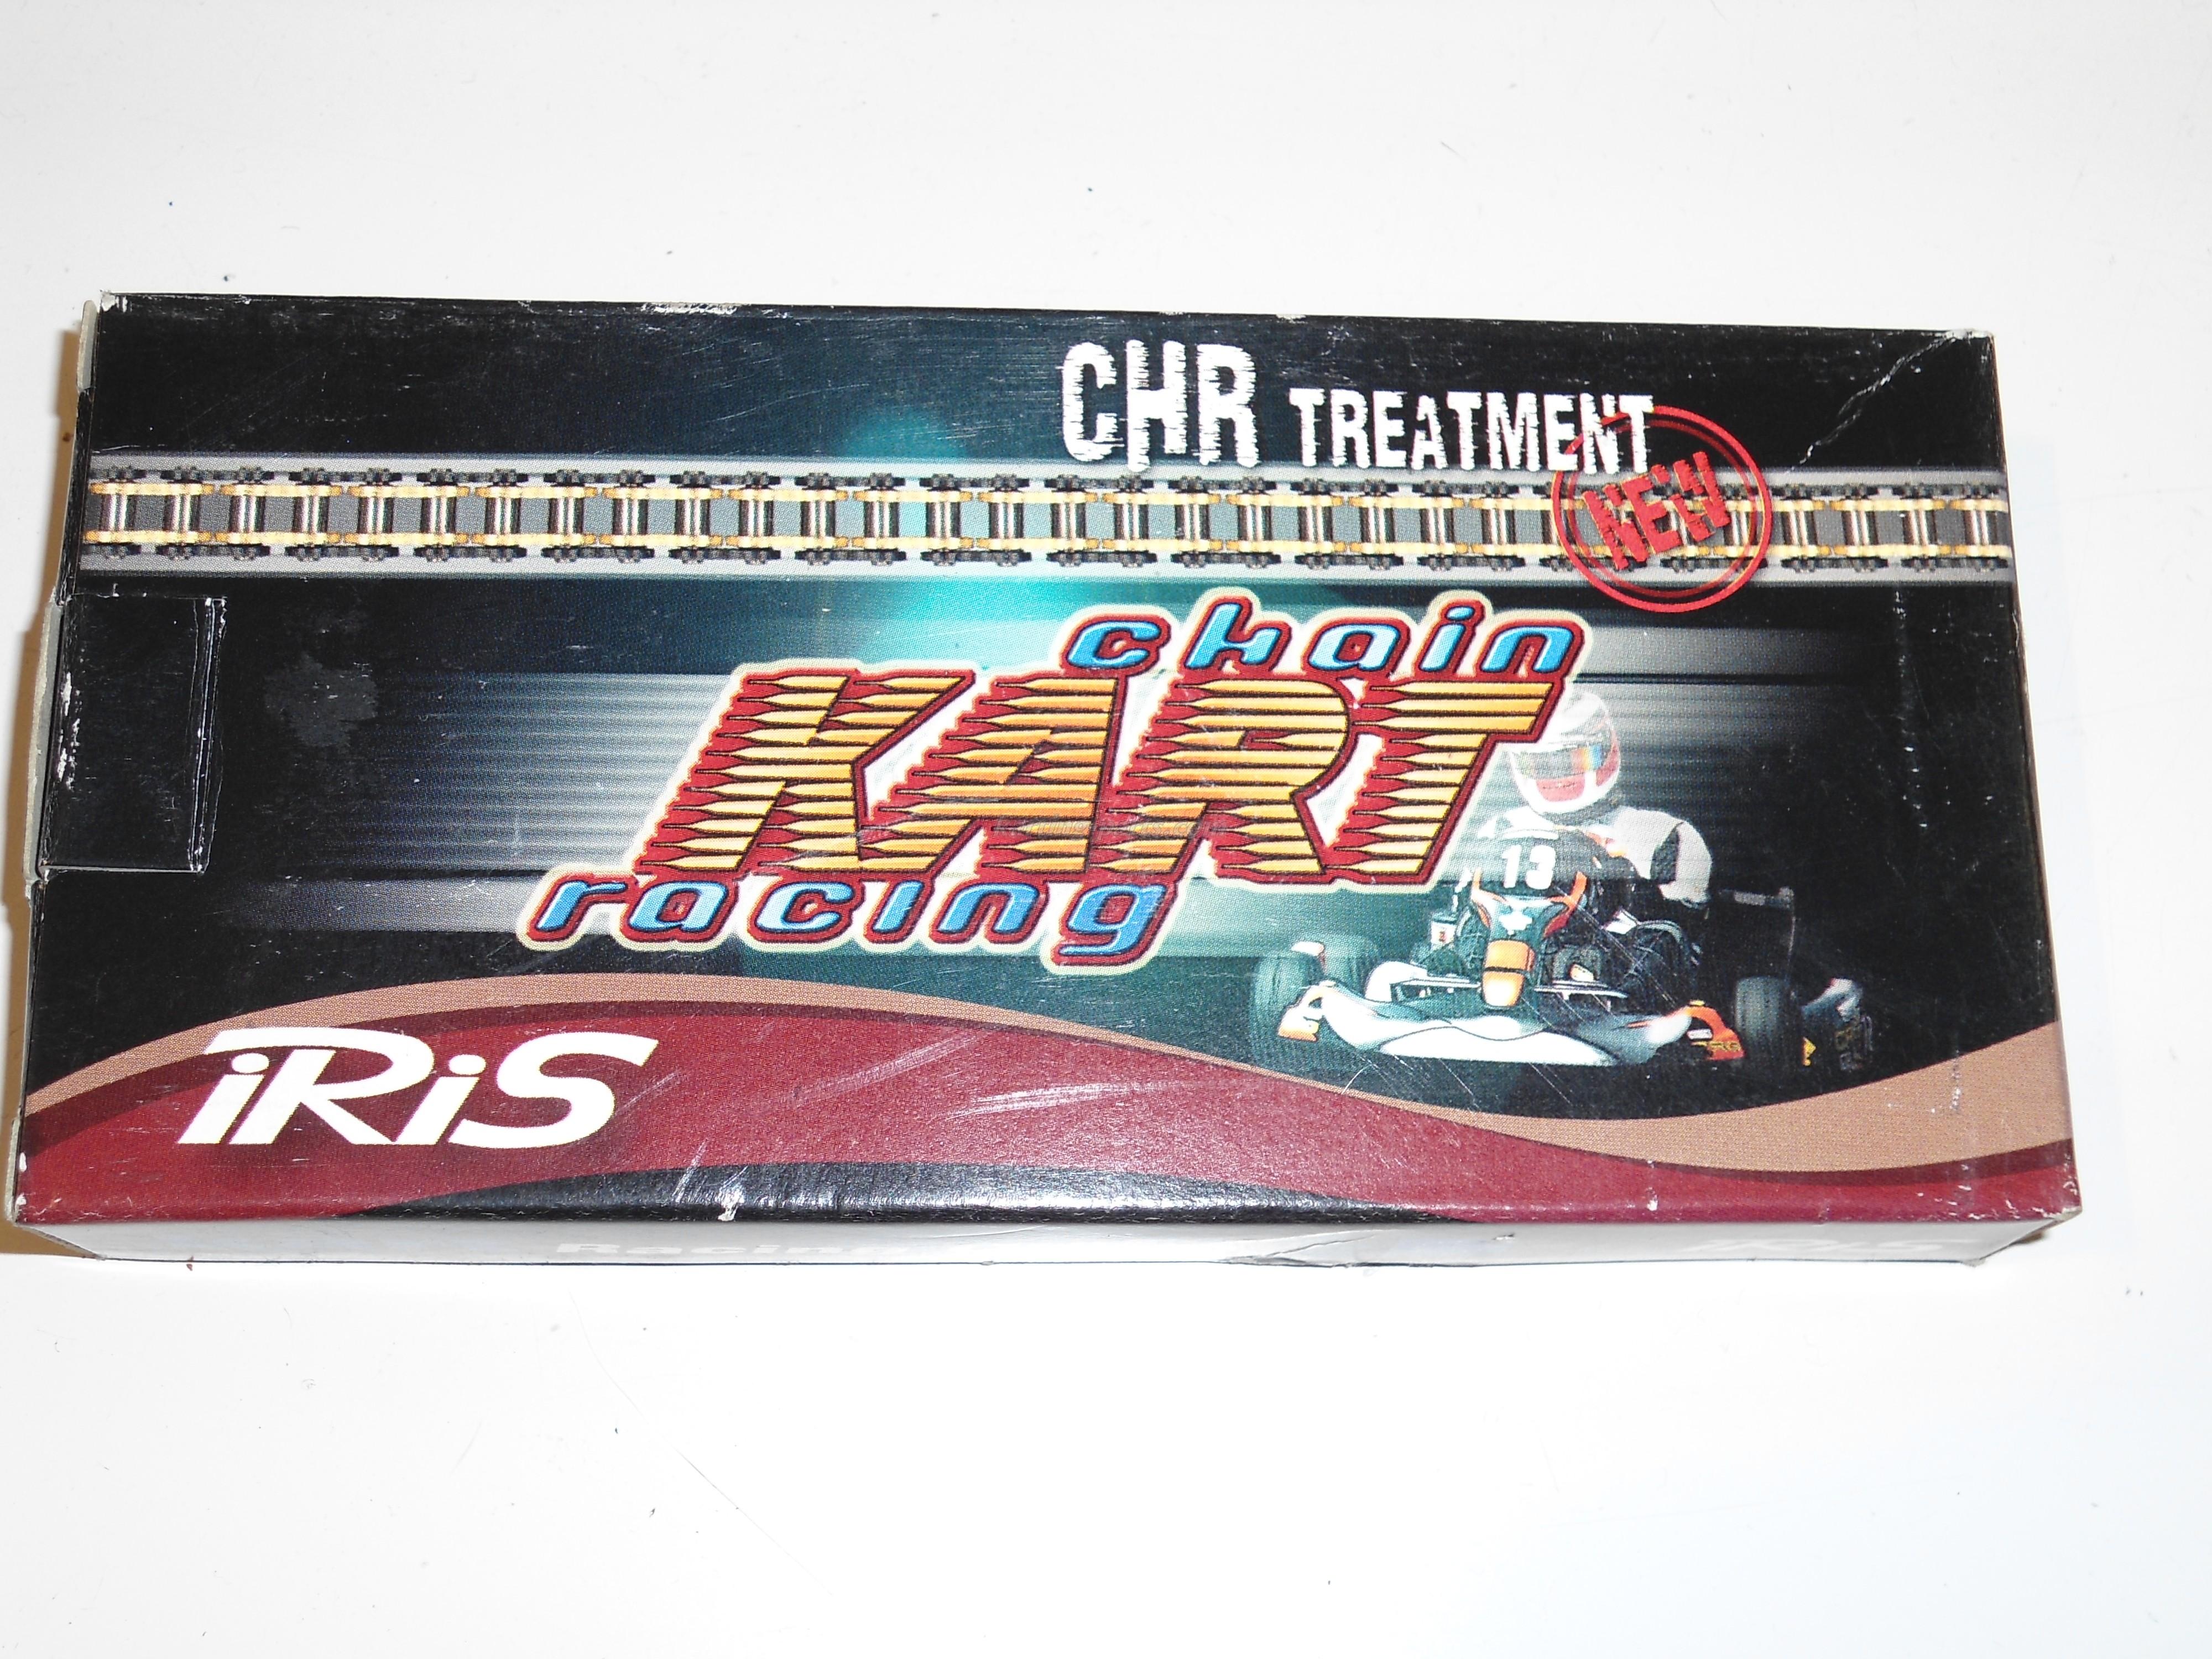 Iris 219 karting chain 104L